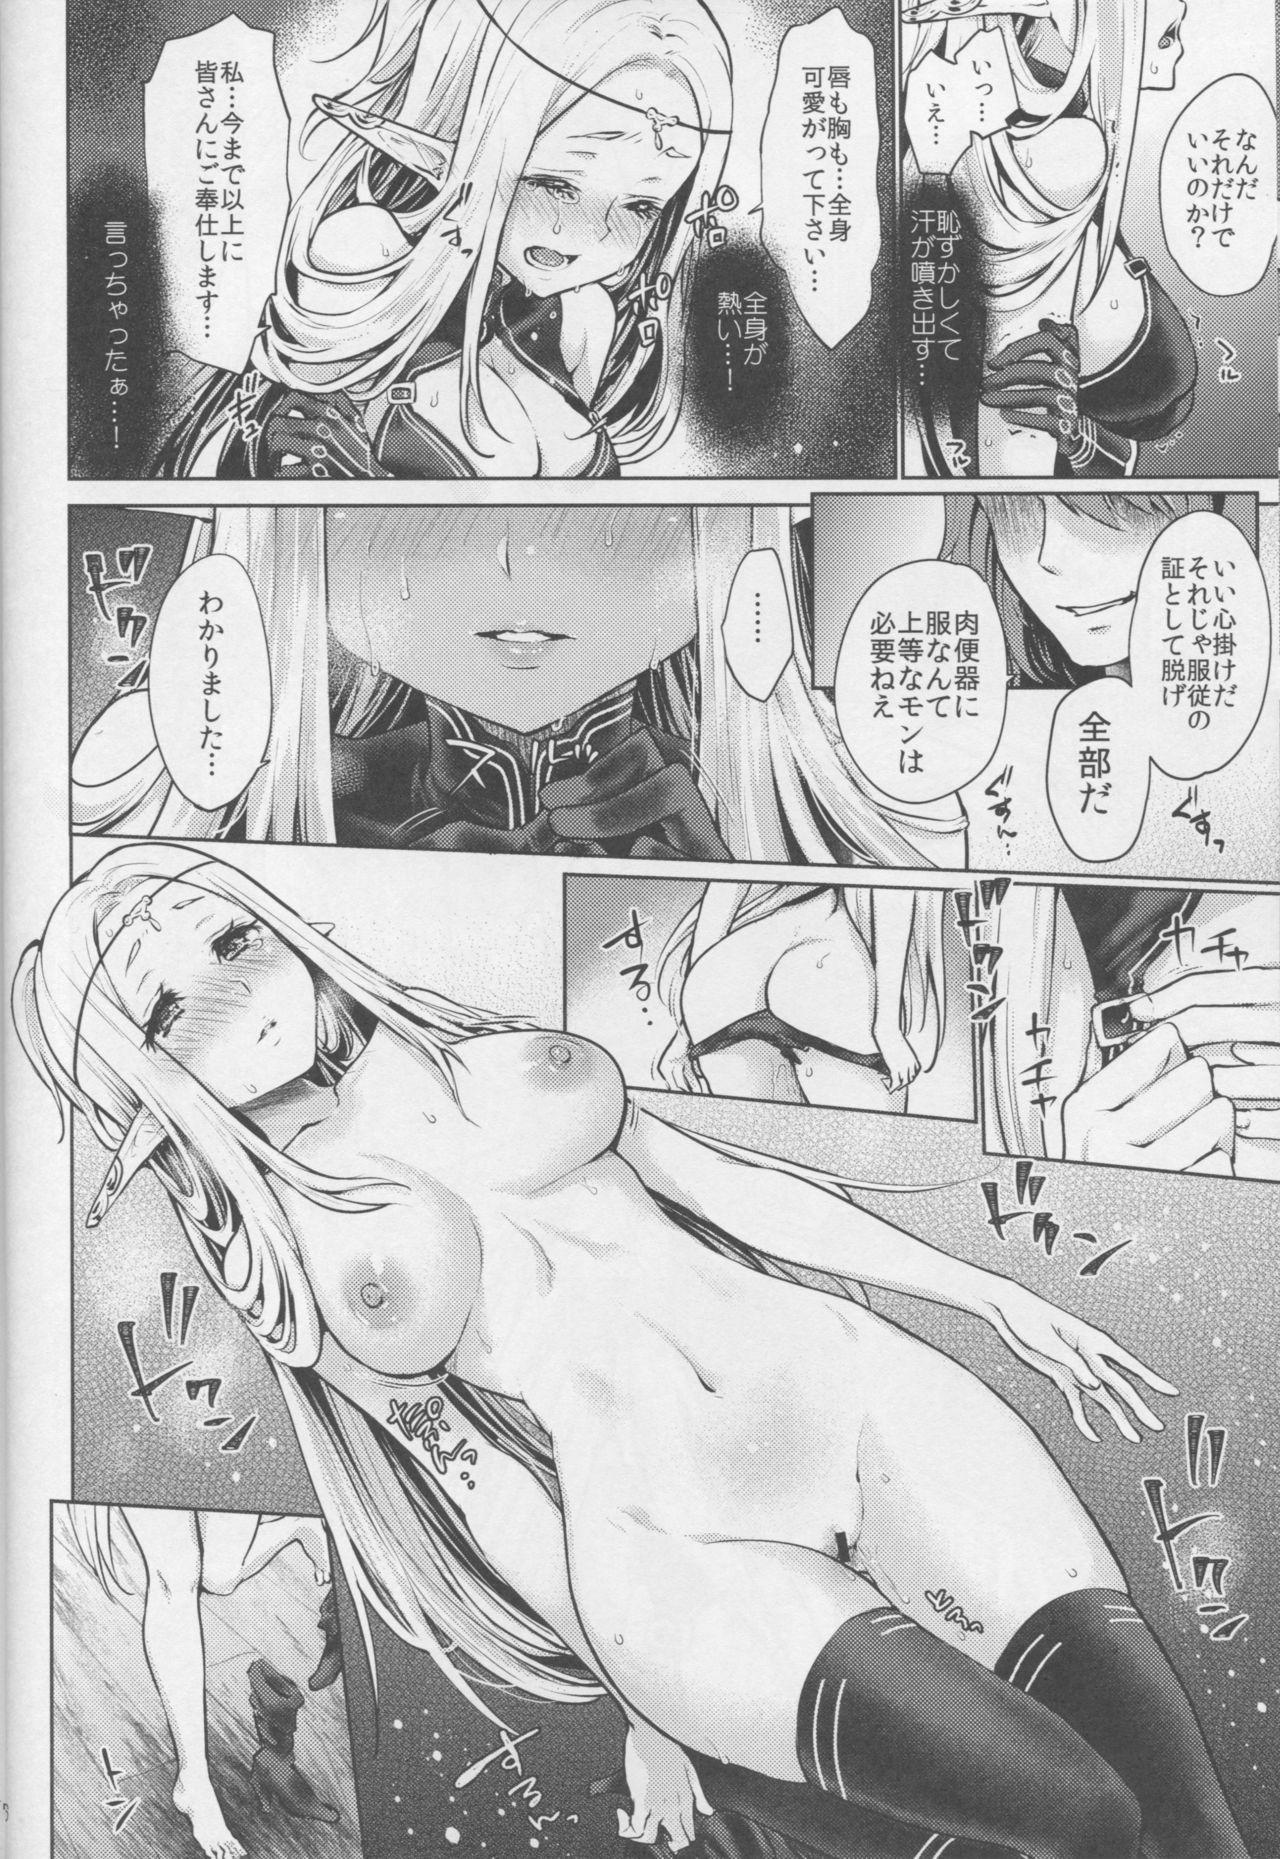 Hajimete no Sekaiju 3 14